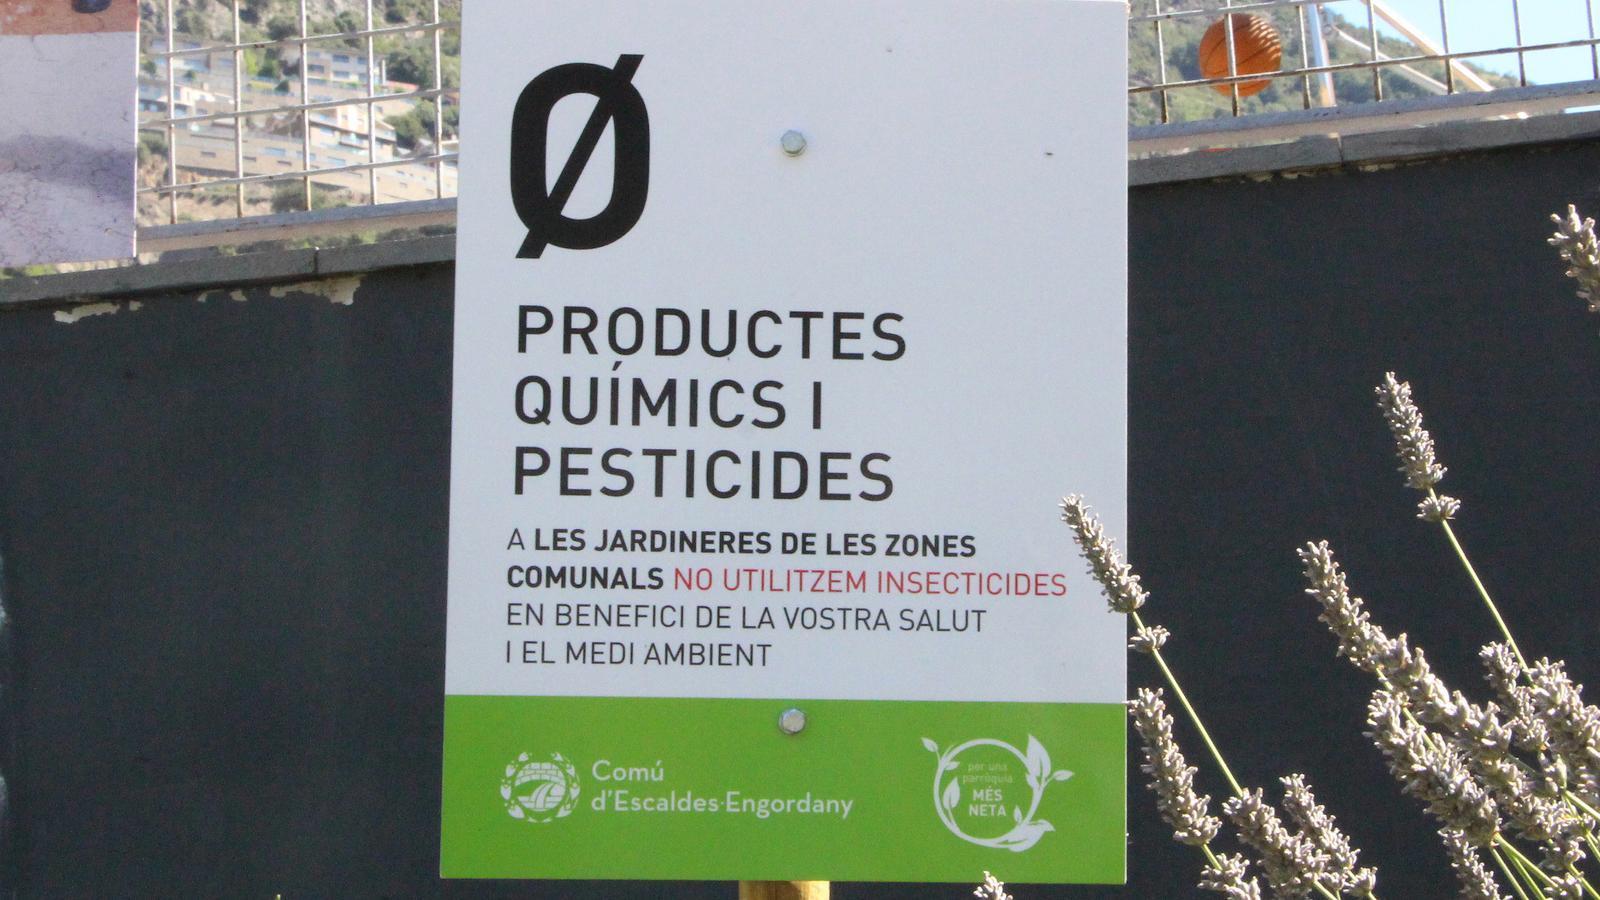 Un dels cartells instal·lats al Prat del Roure que explica la campanya. / N. T.